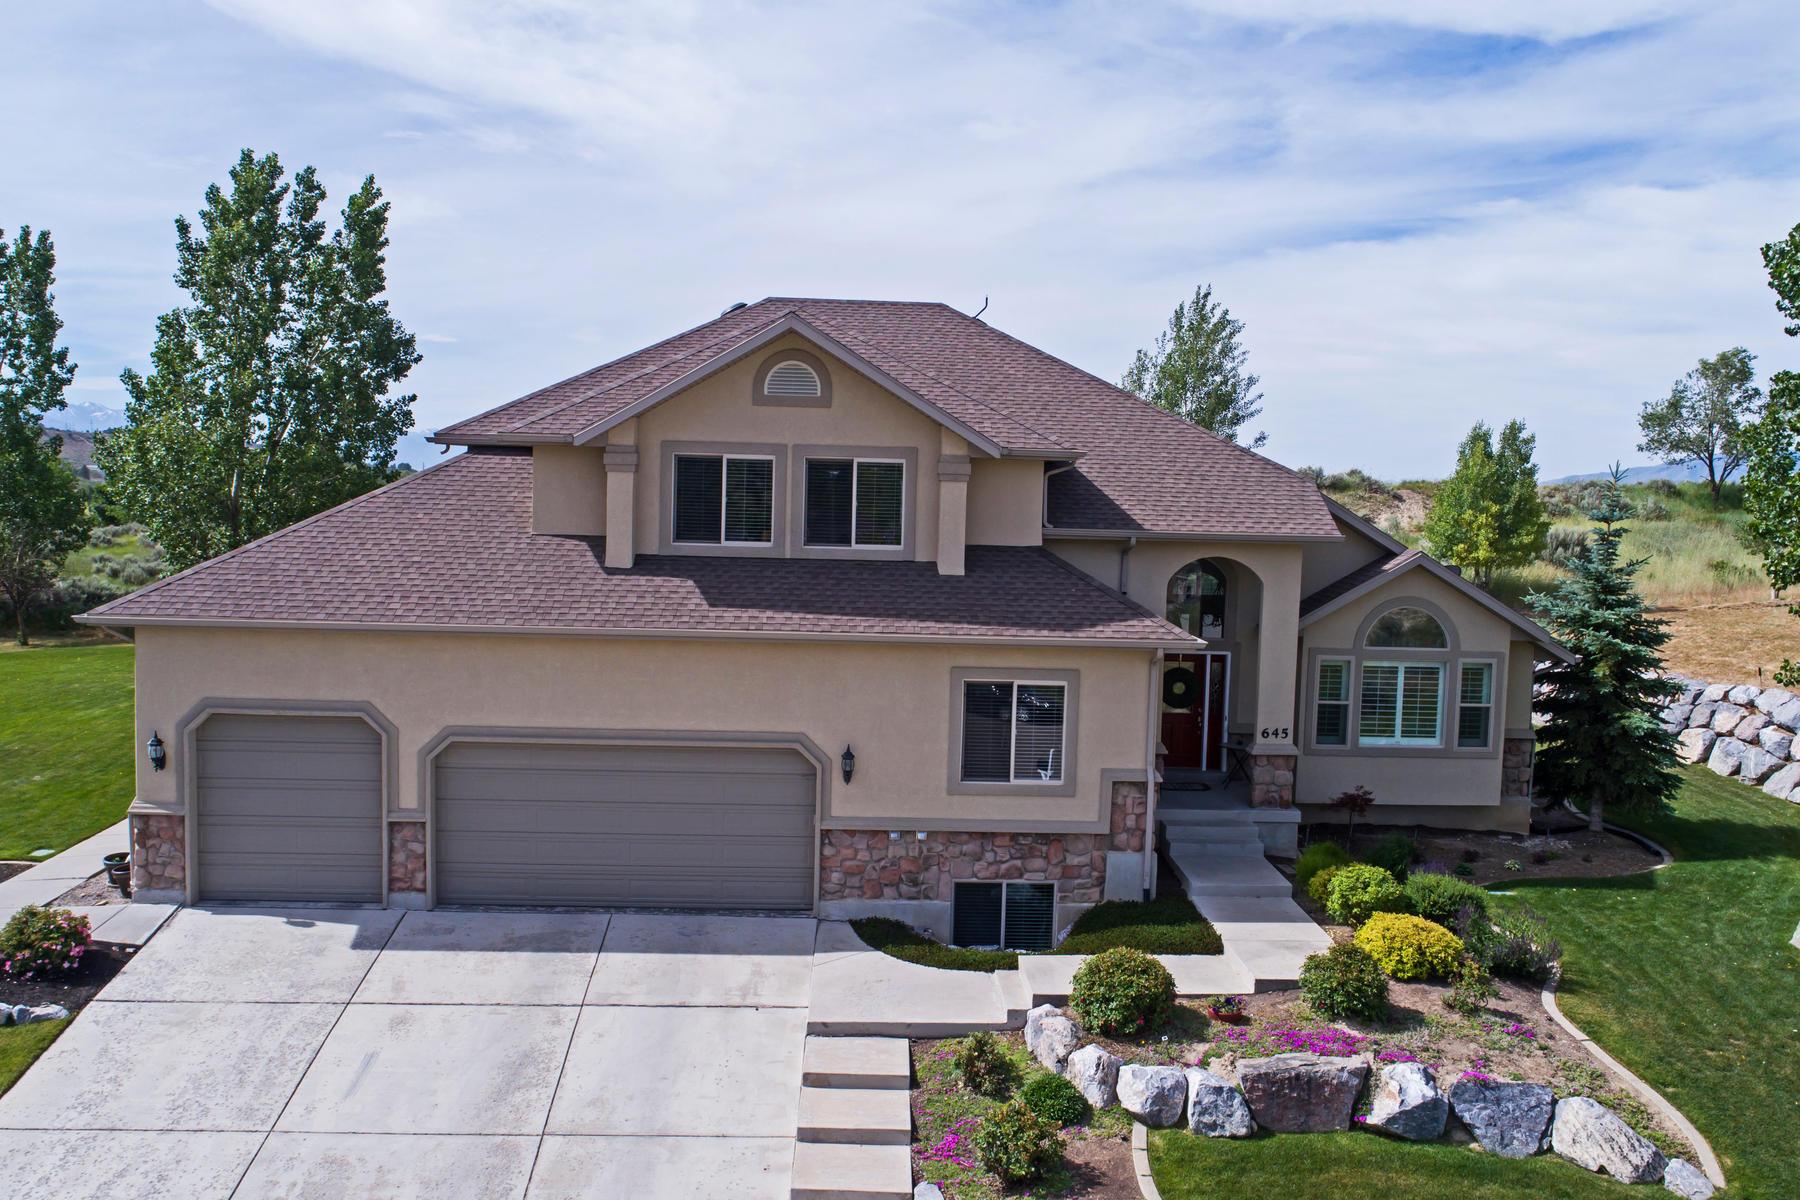 Maison unifamiliale pour l Vente à Great House, Great Lot, Great Price! 645 Sierra Cir Alpine, Utah, 84004 États-Unis